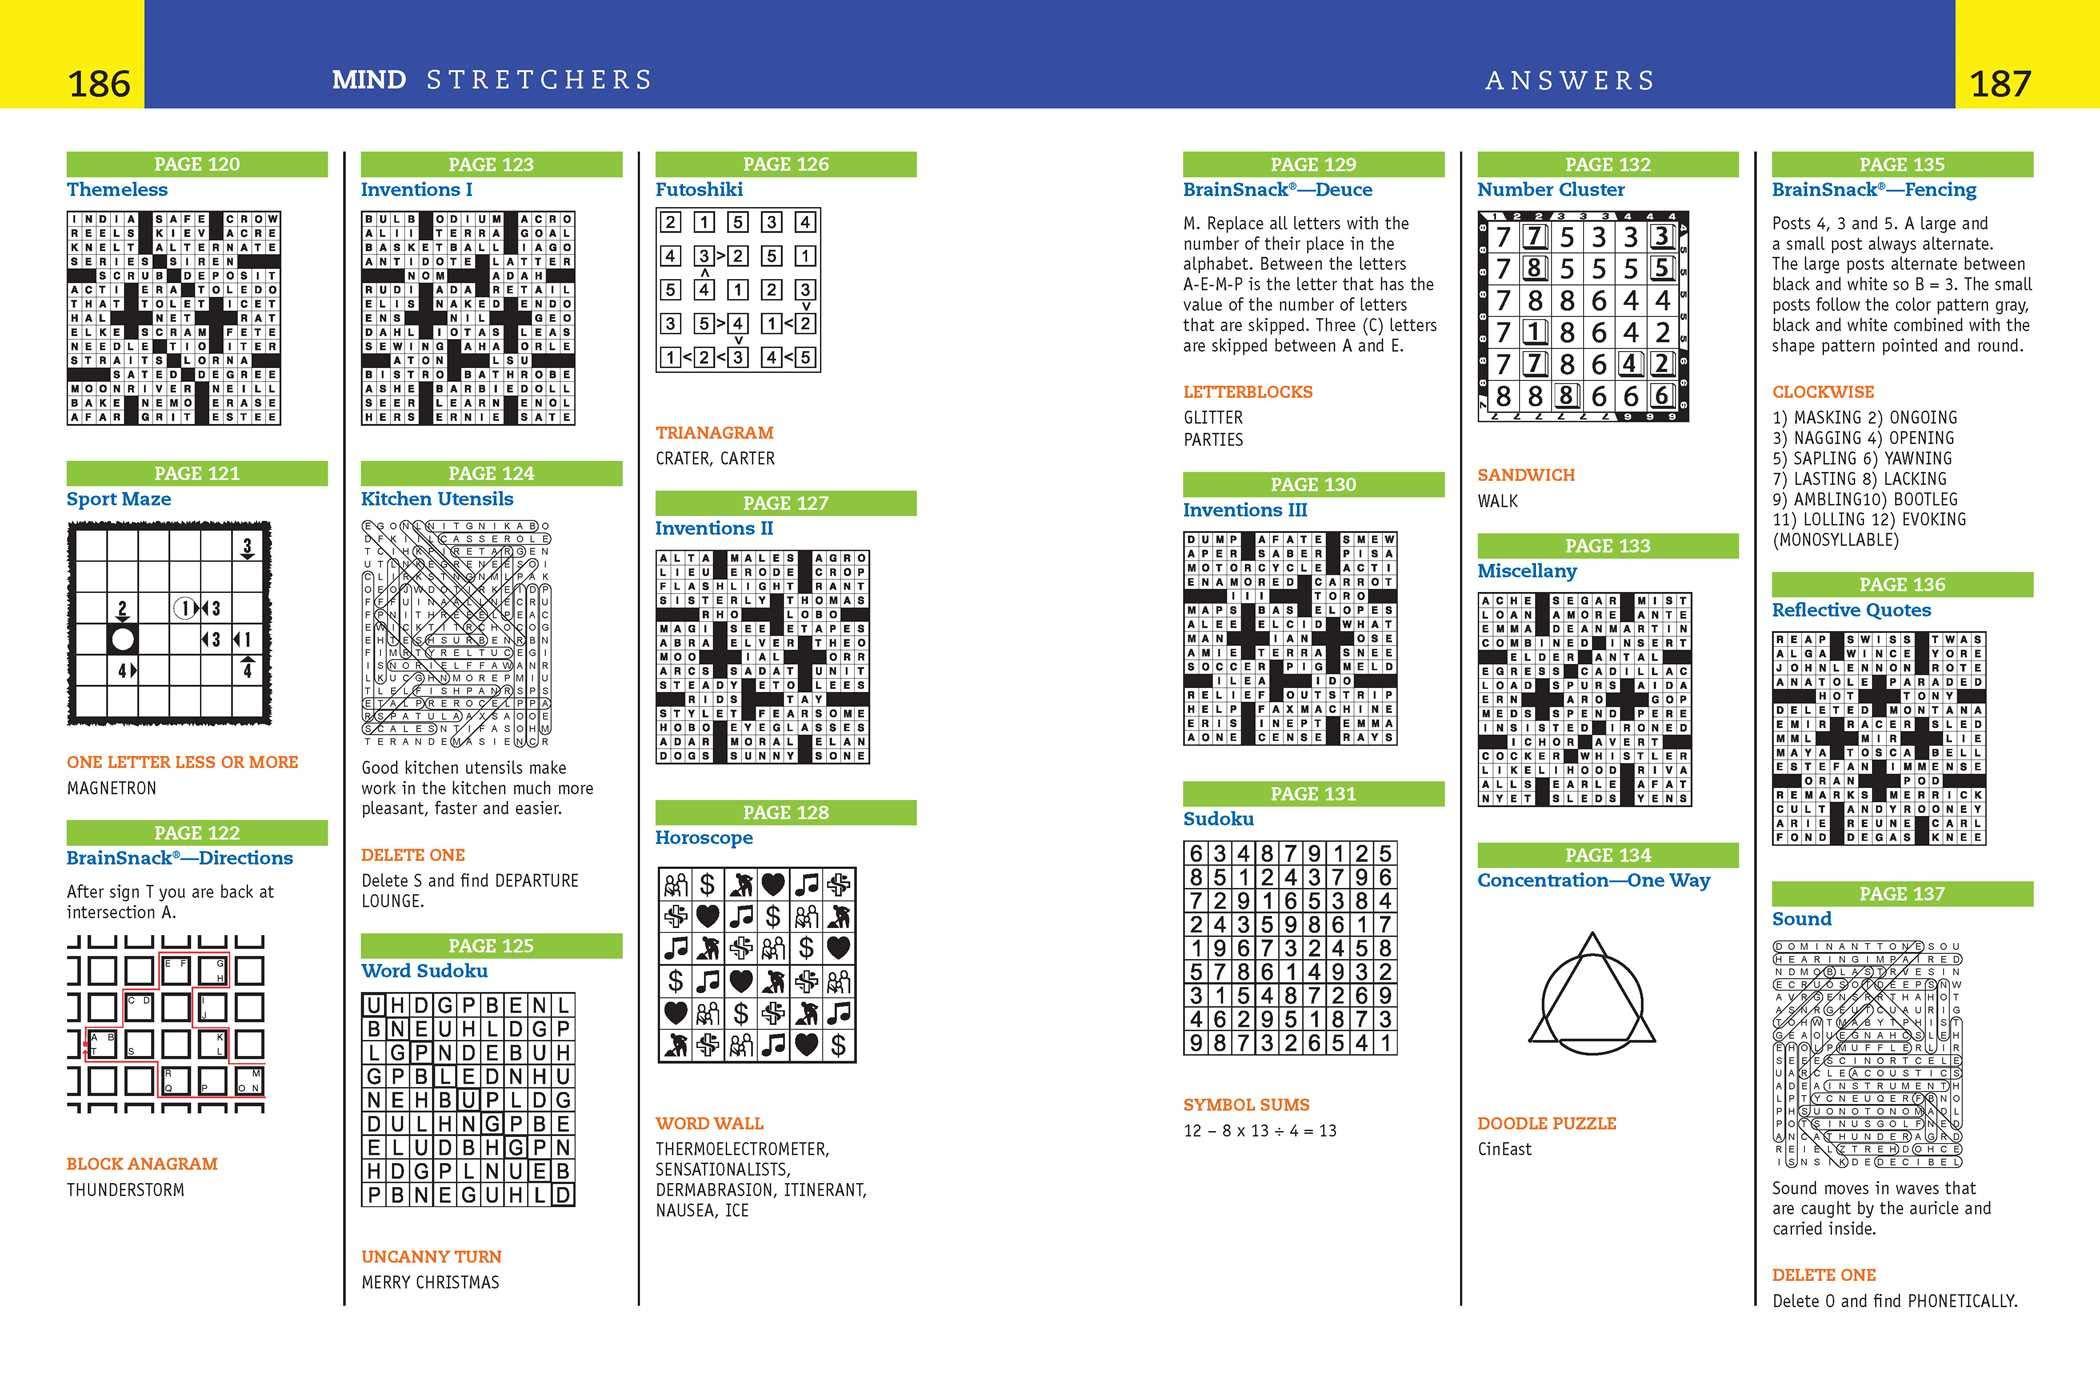 Reader S Digest Mind Stretchers Puzzle Book Number Puzzles Crosswords Word Searches Logic Puzzles Surprises 1 Bragdon Allen D 9781621453512 Amazon Com Books